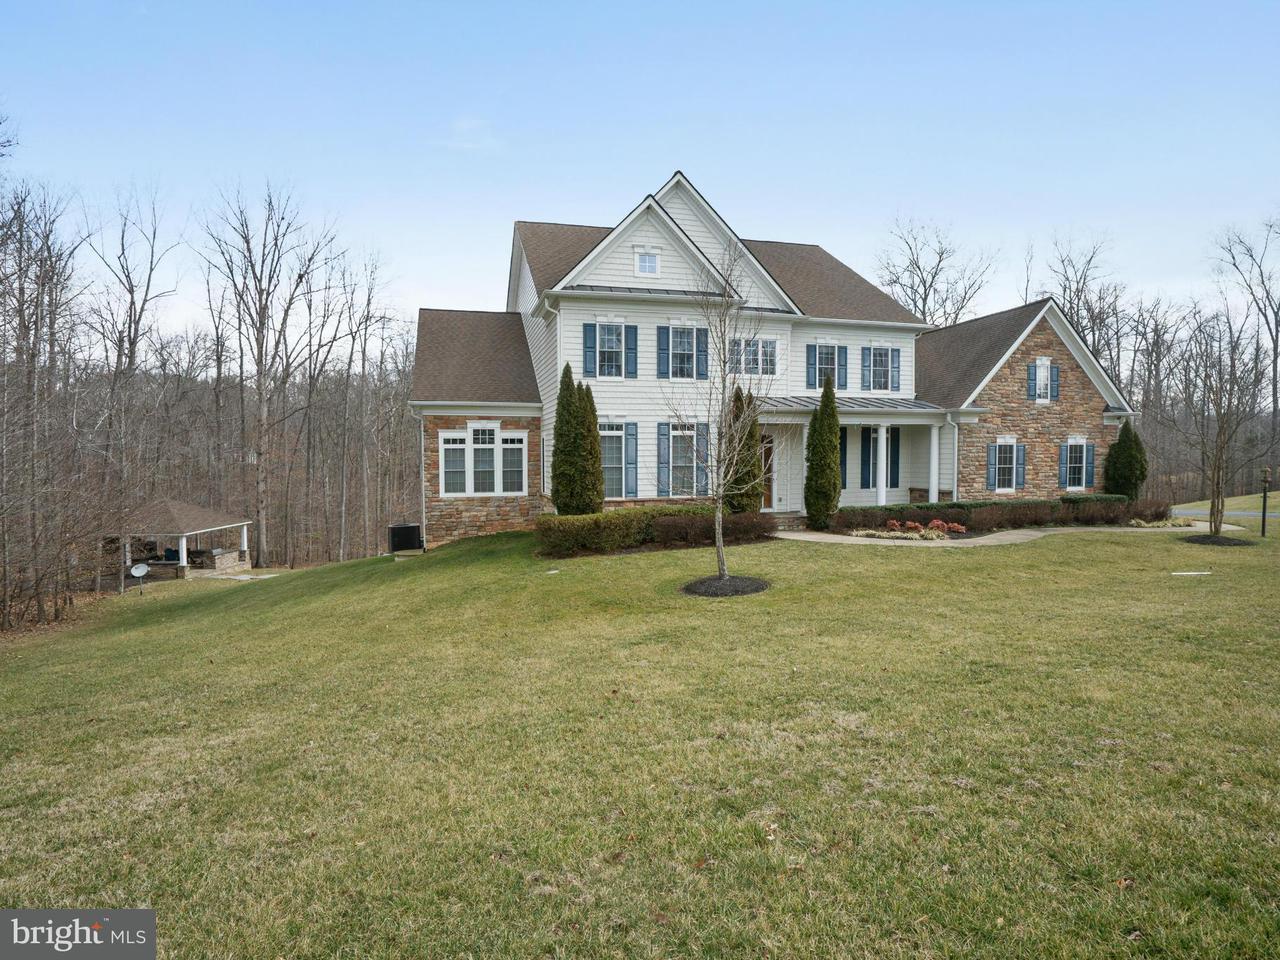 Casa Unifamiliar por un Venta en 127 Stefaniga Farms Drive 127 Stefaniga Farms Drive Stafford, Virginia 22556 Estados Unidos